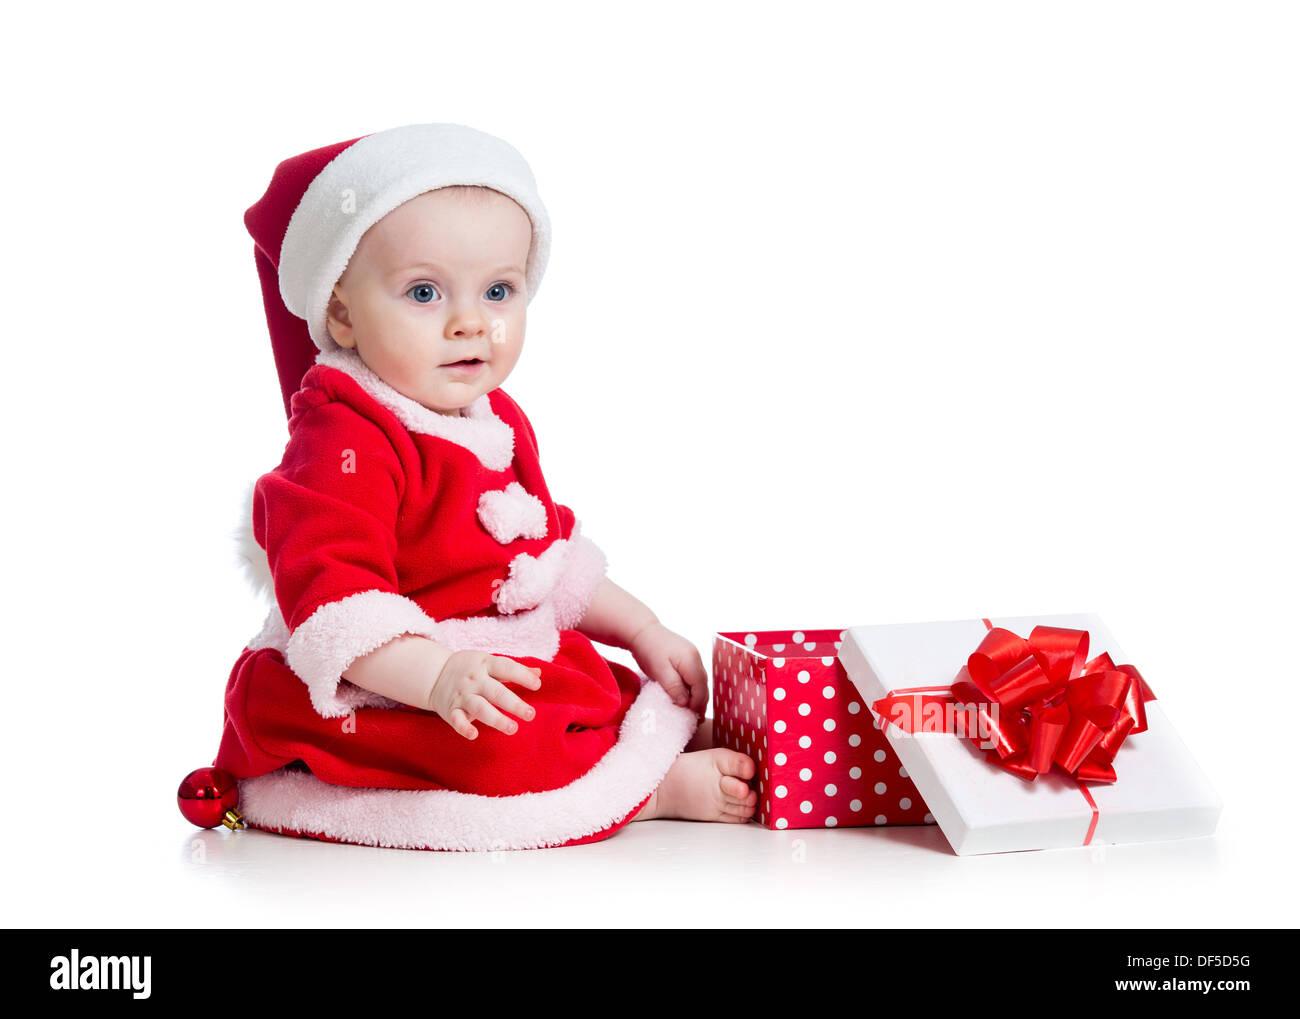 x-mas baby girl opening gift box isolated on white background - Stock Image